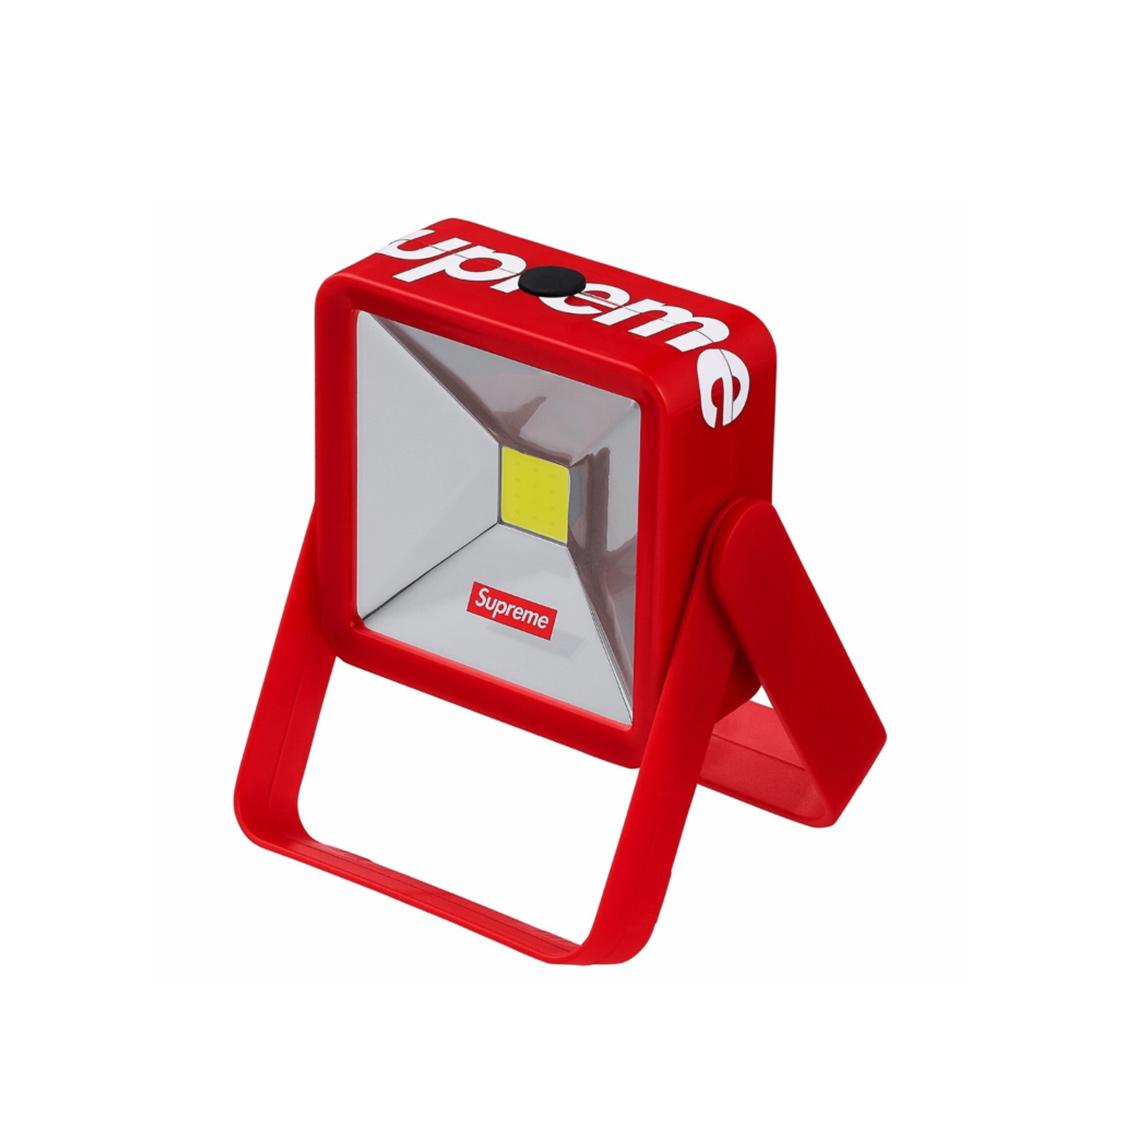 新品 シュプリーム SUPREME magnetic kickstand light マグネティック キックスタンド LED ライト RED 赤